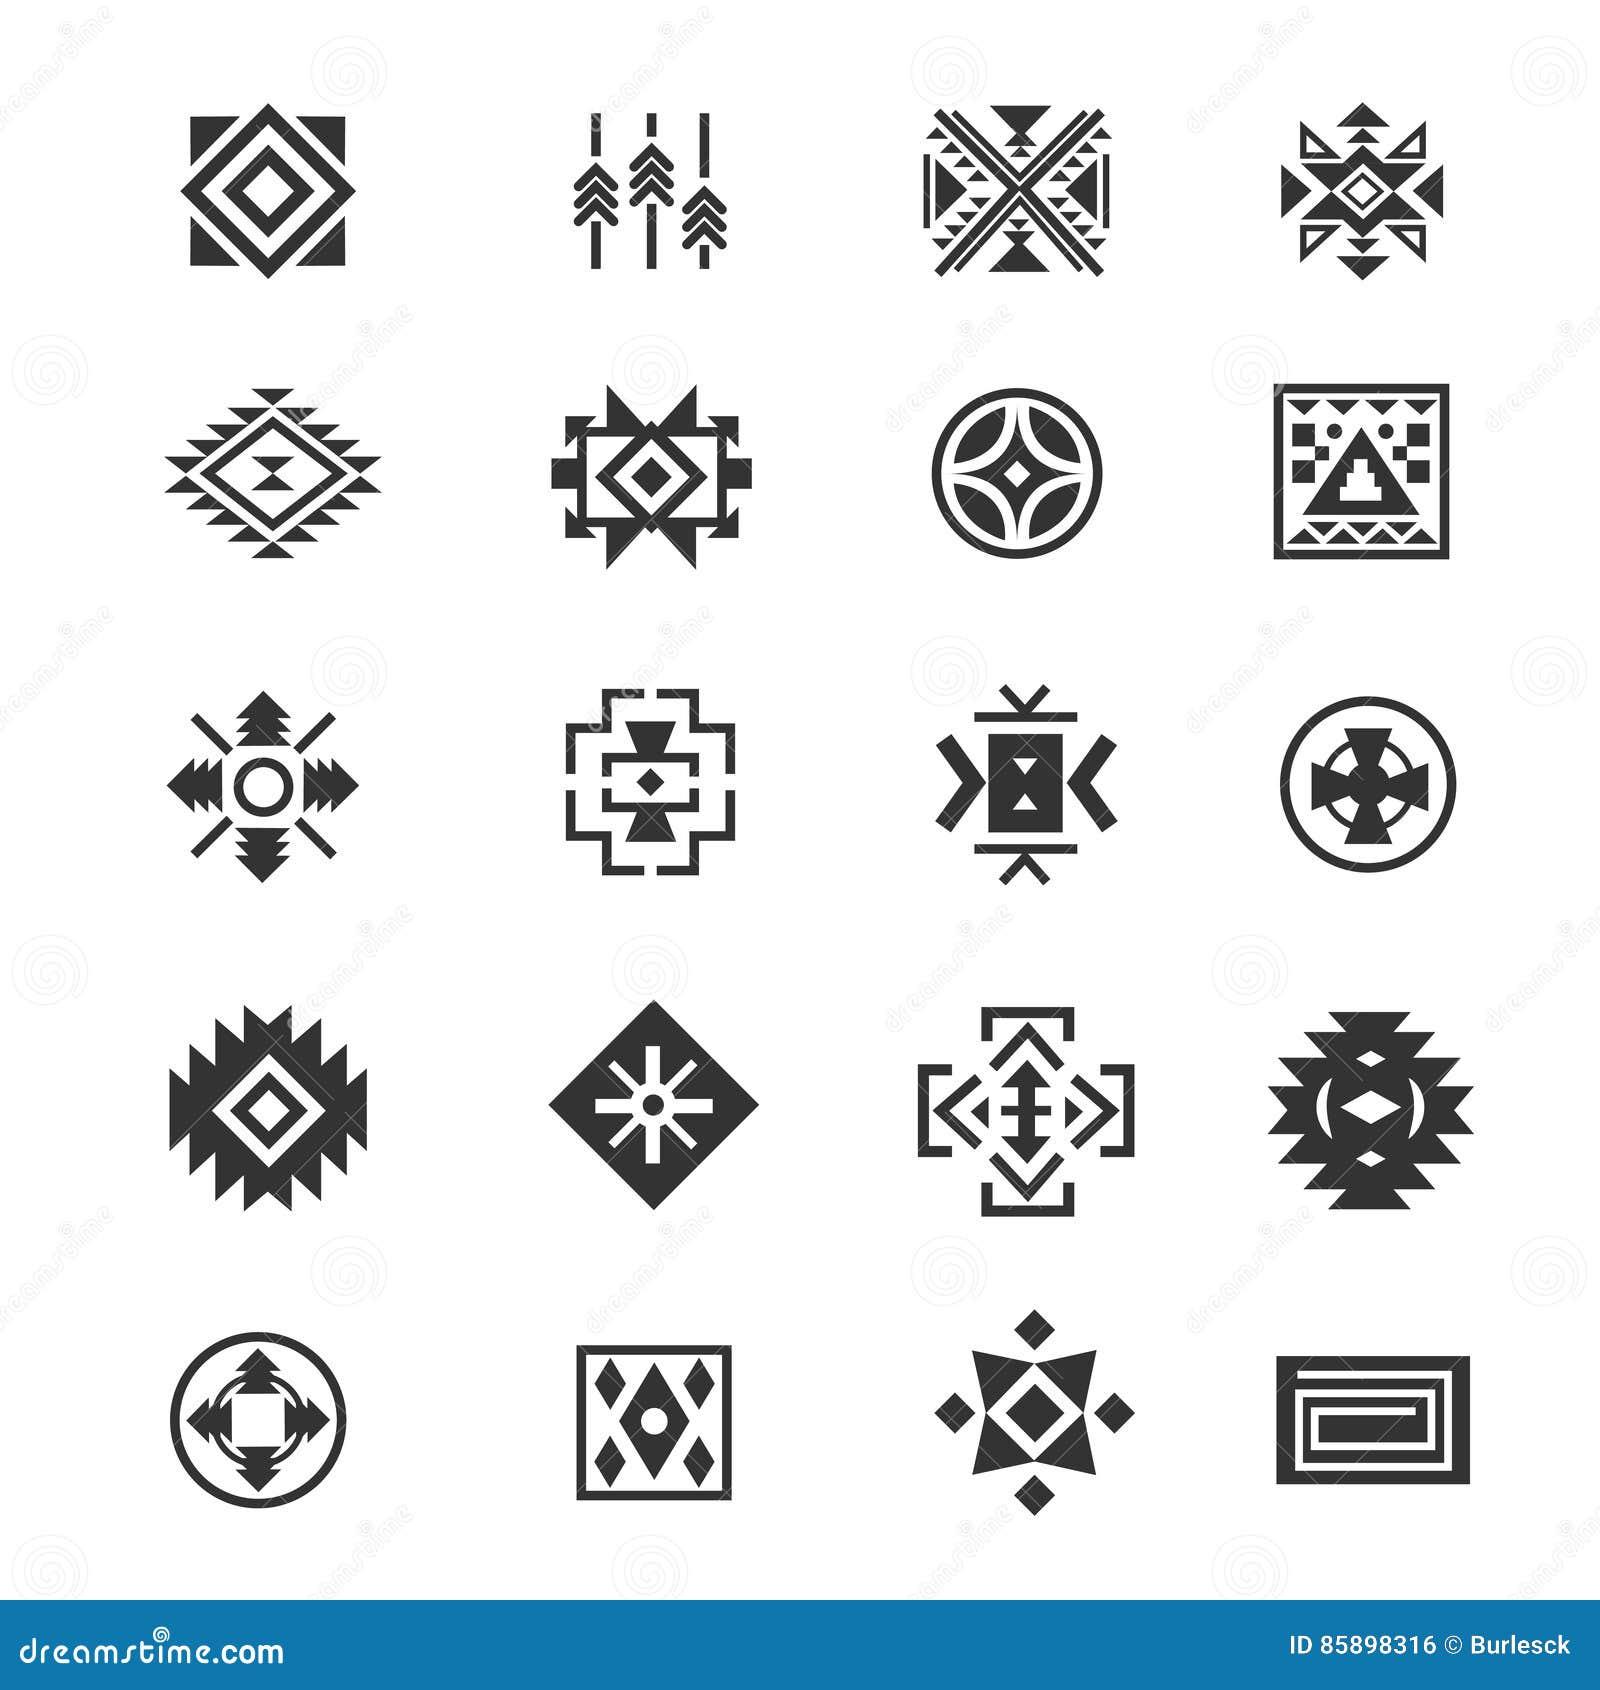 Tradycyjni plemienni meksykańscy symbole Navajo etnicznej kultury tatuażu wektorowe ikony dla druku